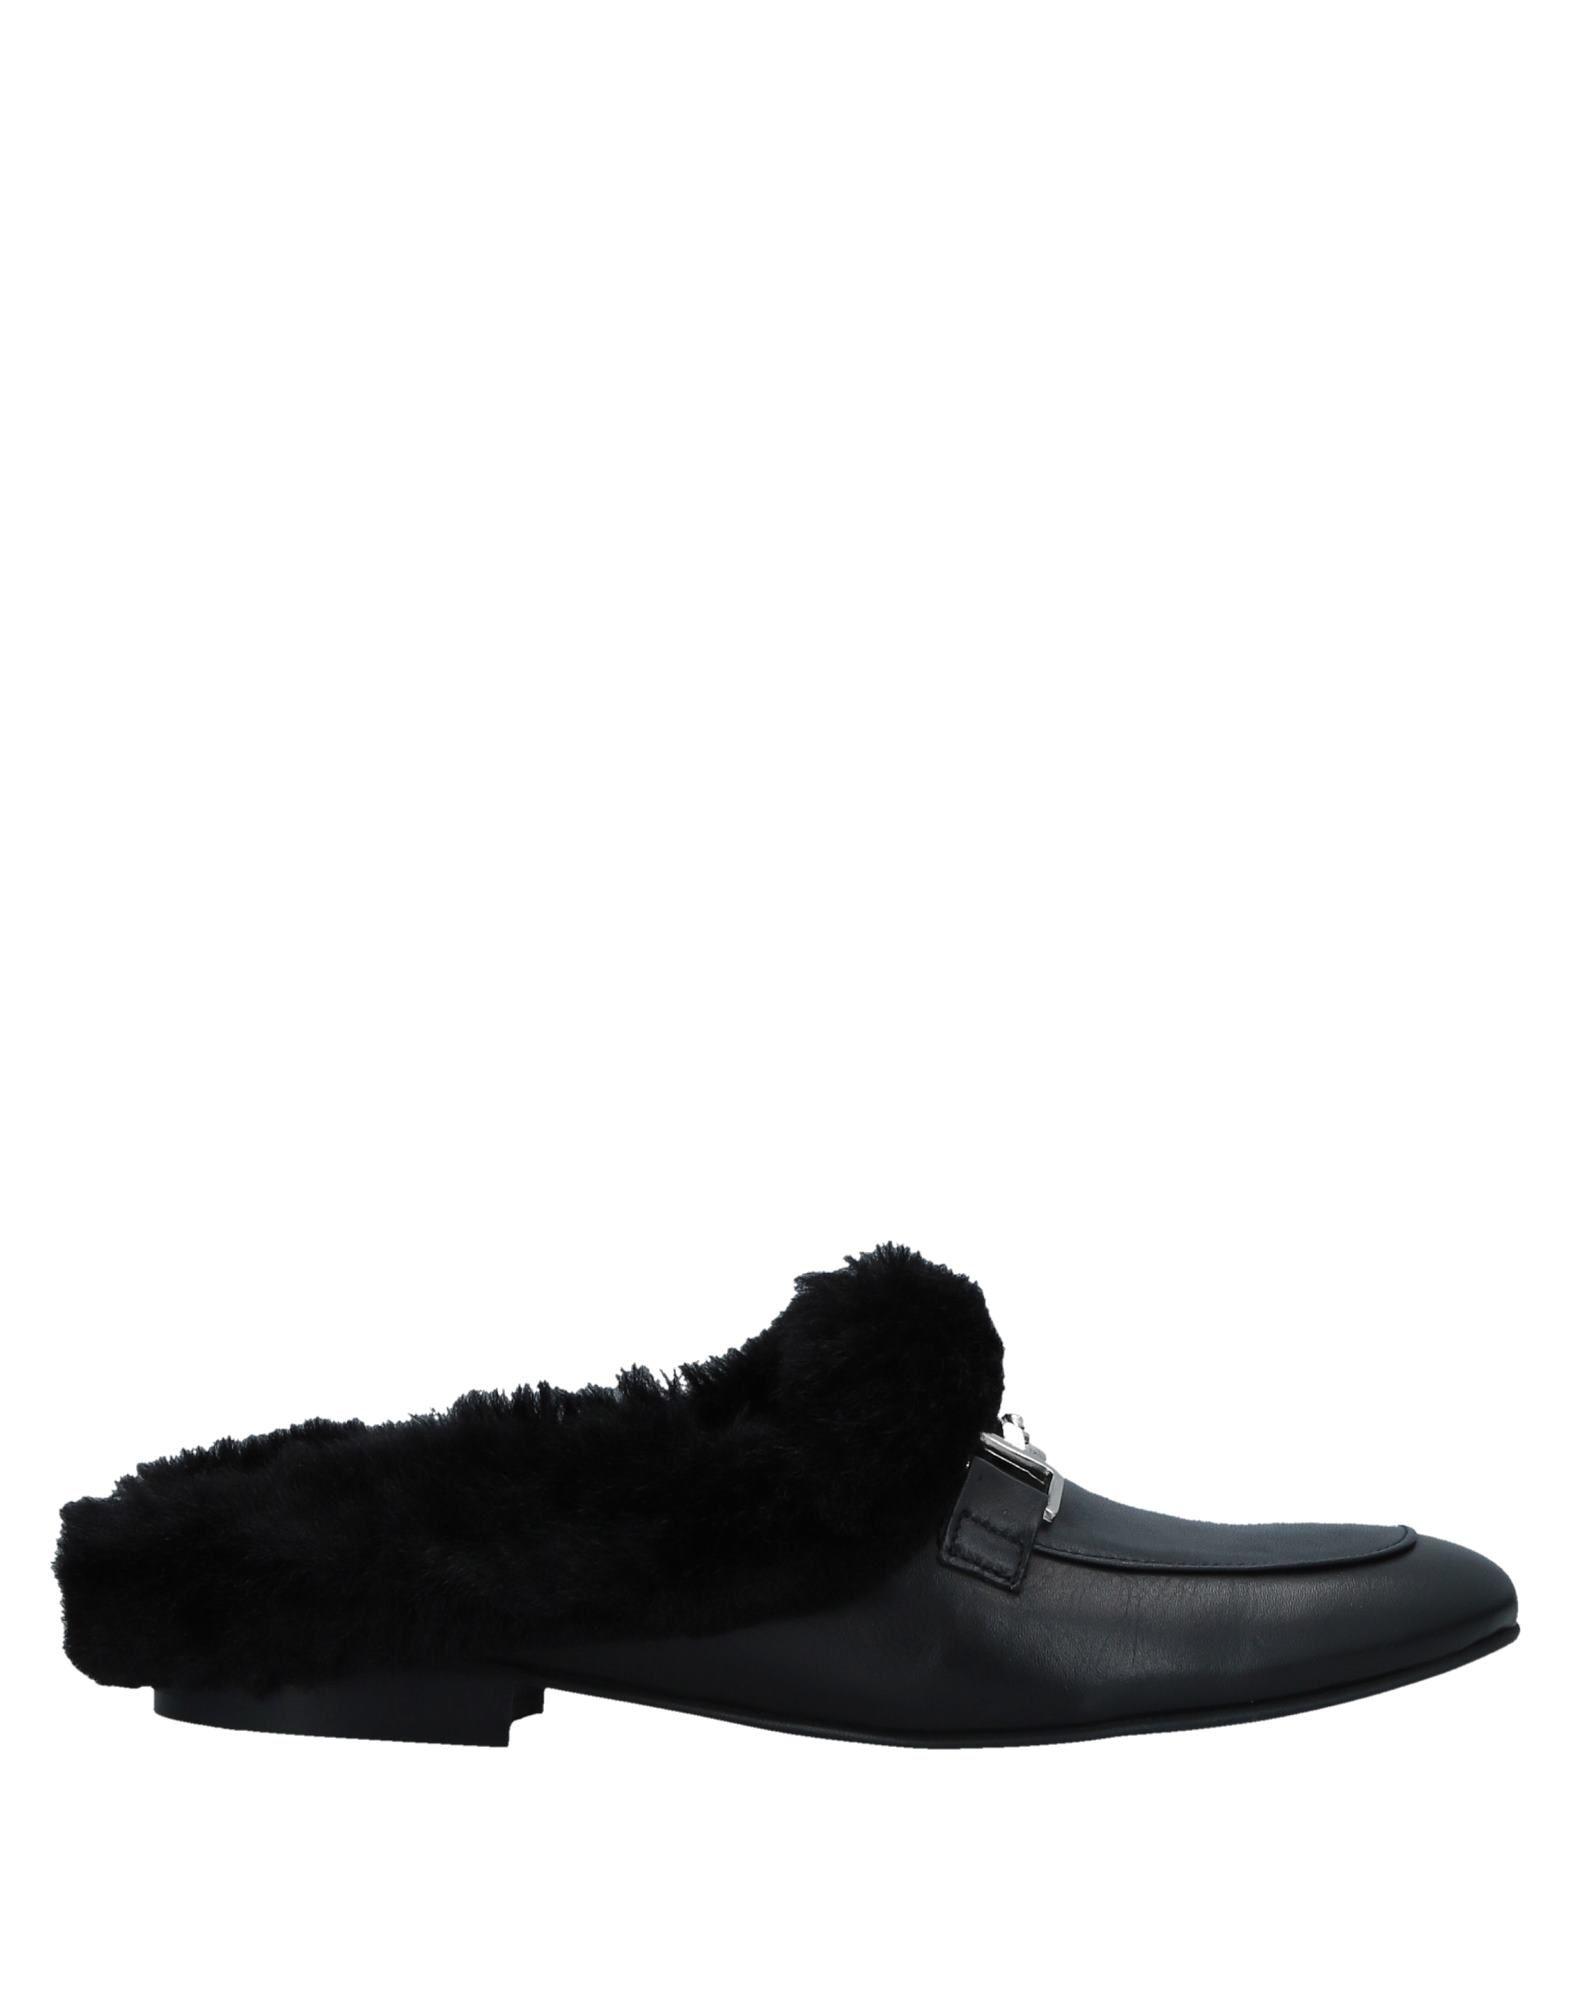 Onako' Pantoletten Damen  11526184DXGut aussehende strapazierfähige Schuhe